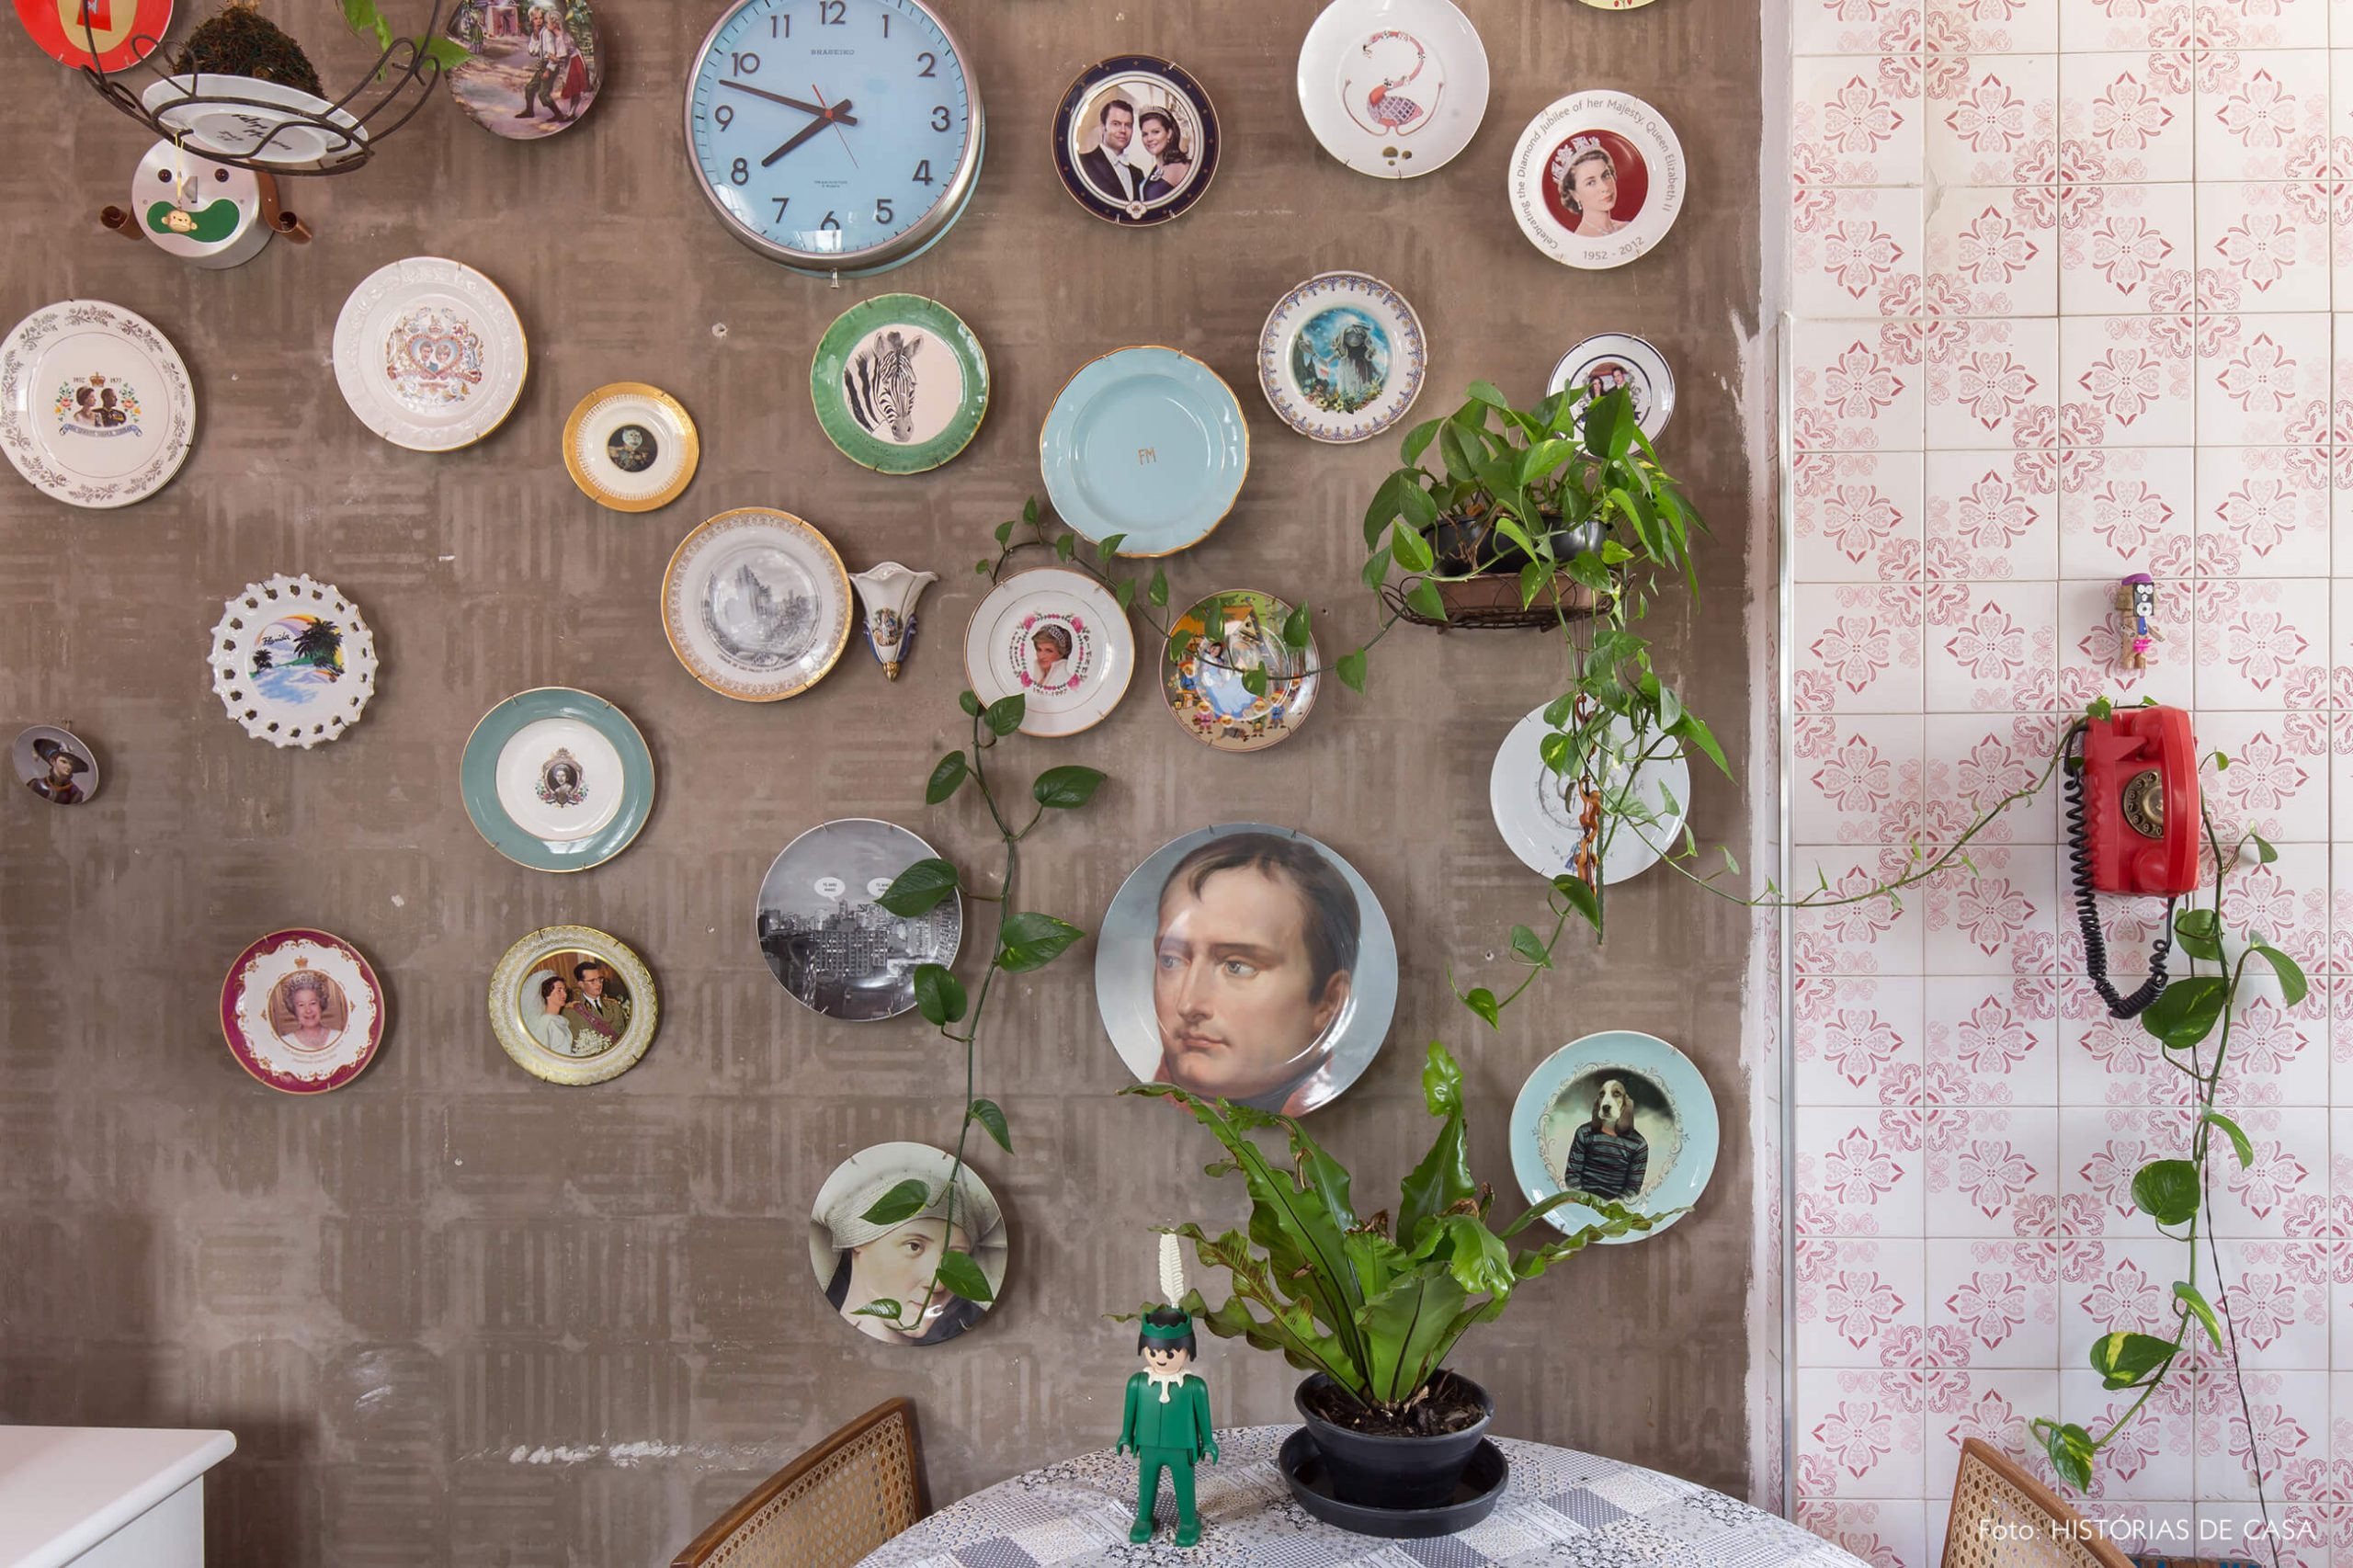 cozinha-com-azulejos-e-pratos-decorativos-na-parede